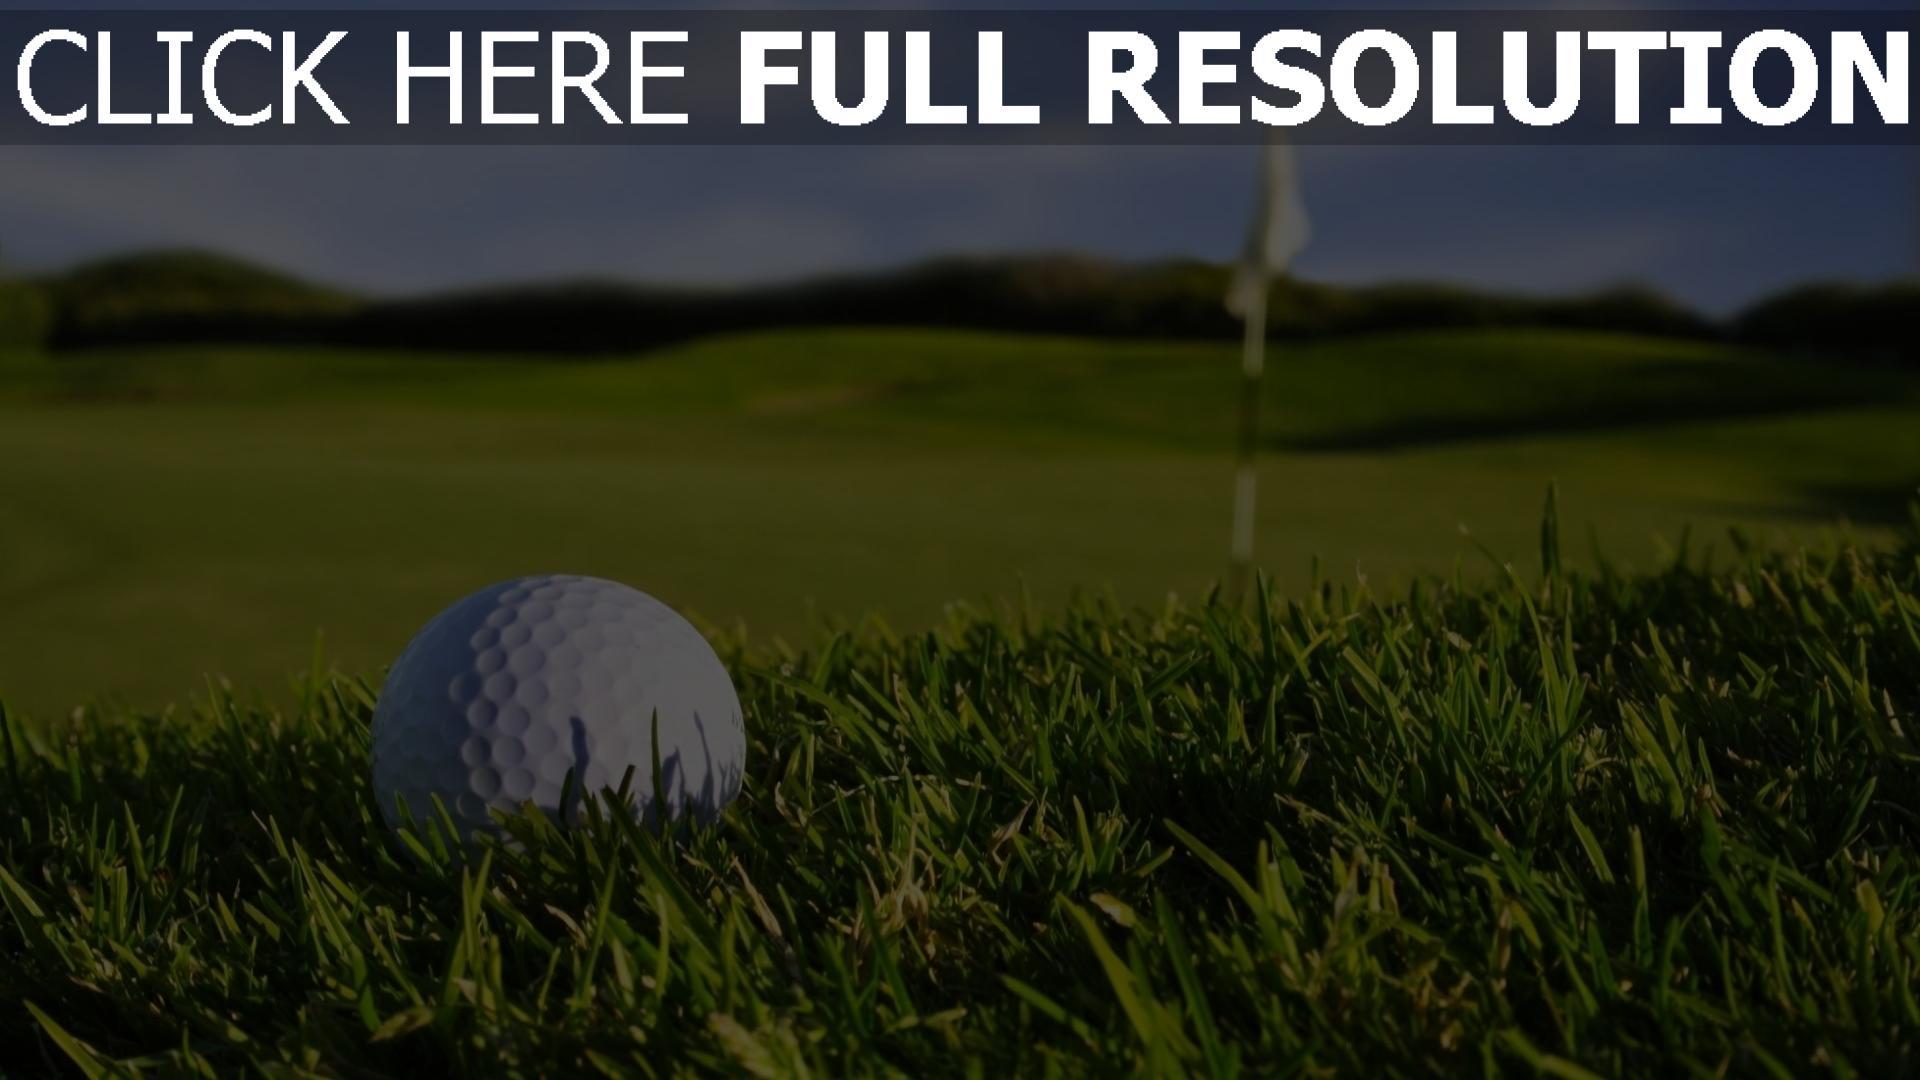 fond d'écran 1920x1080 golf balle gros plan terrain